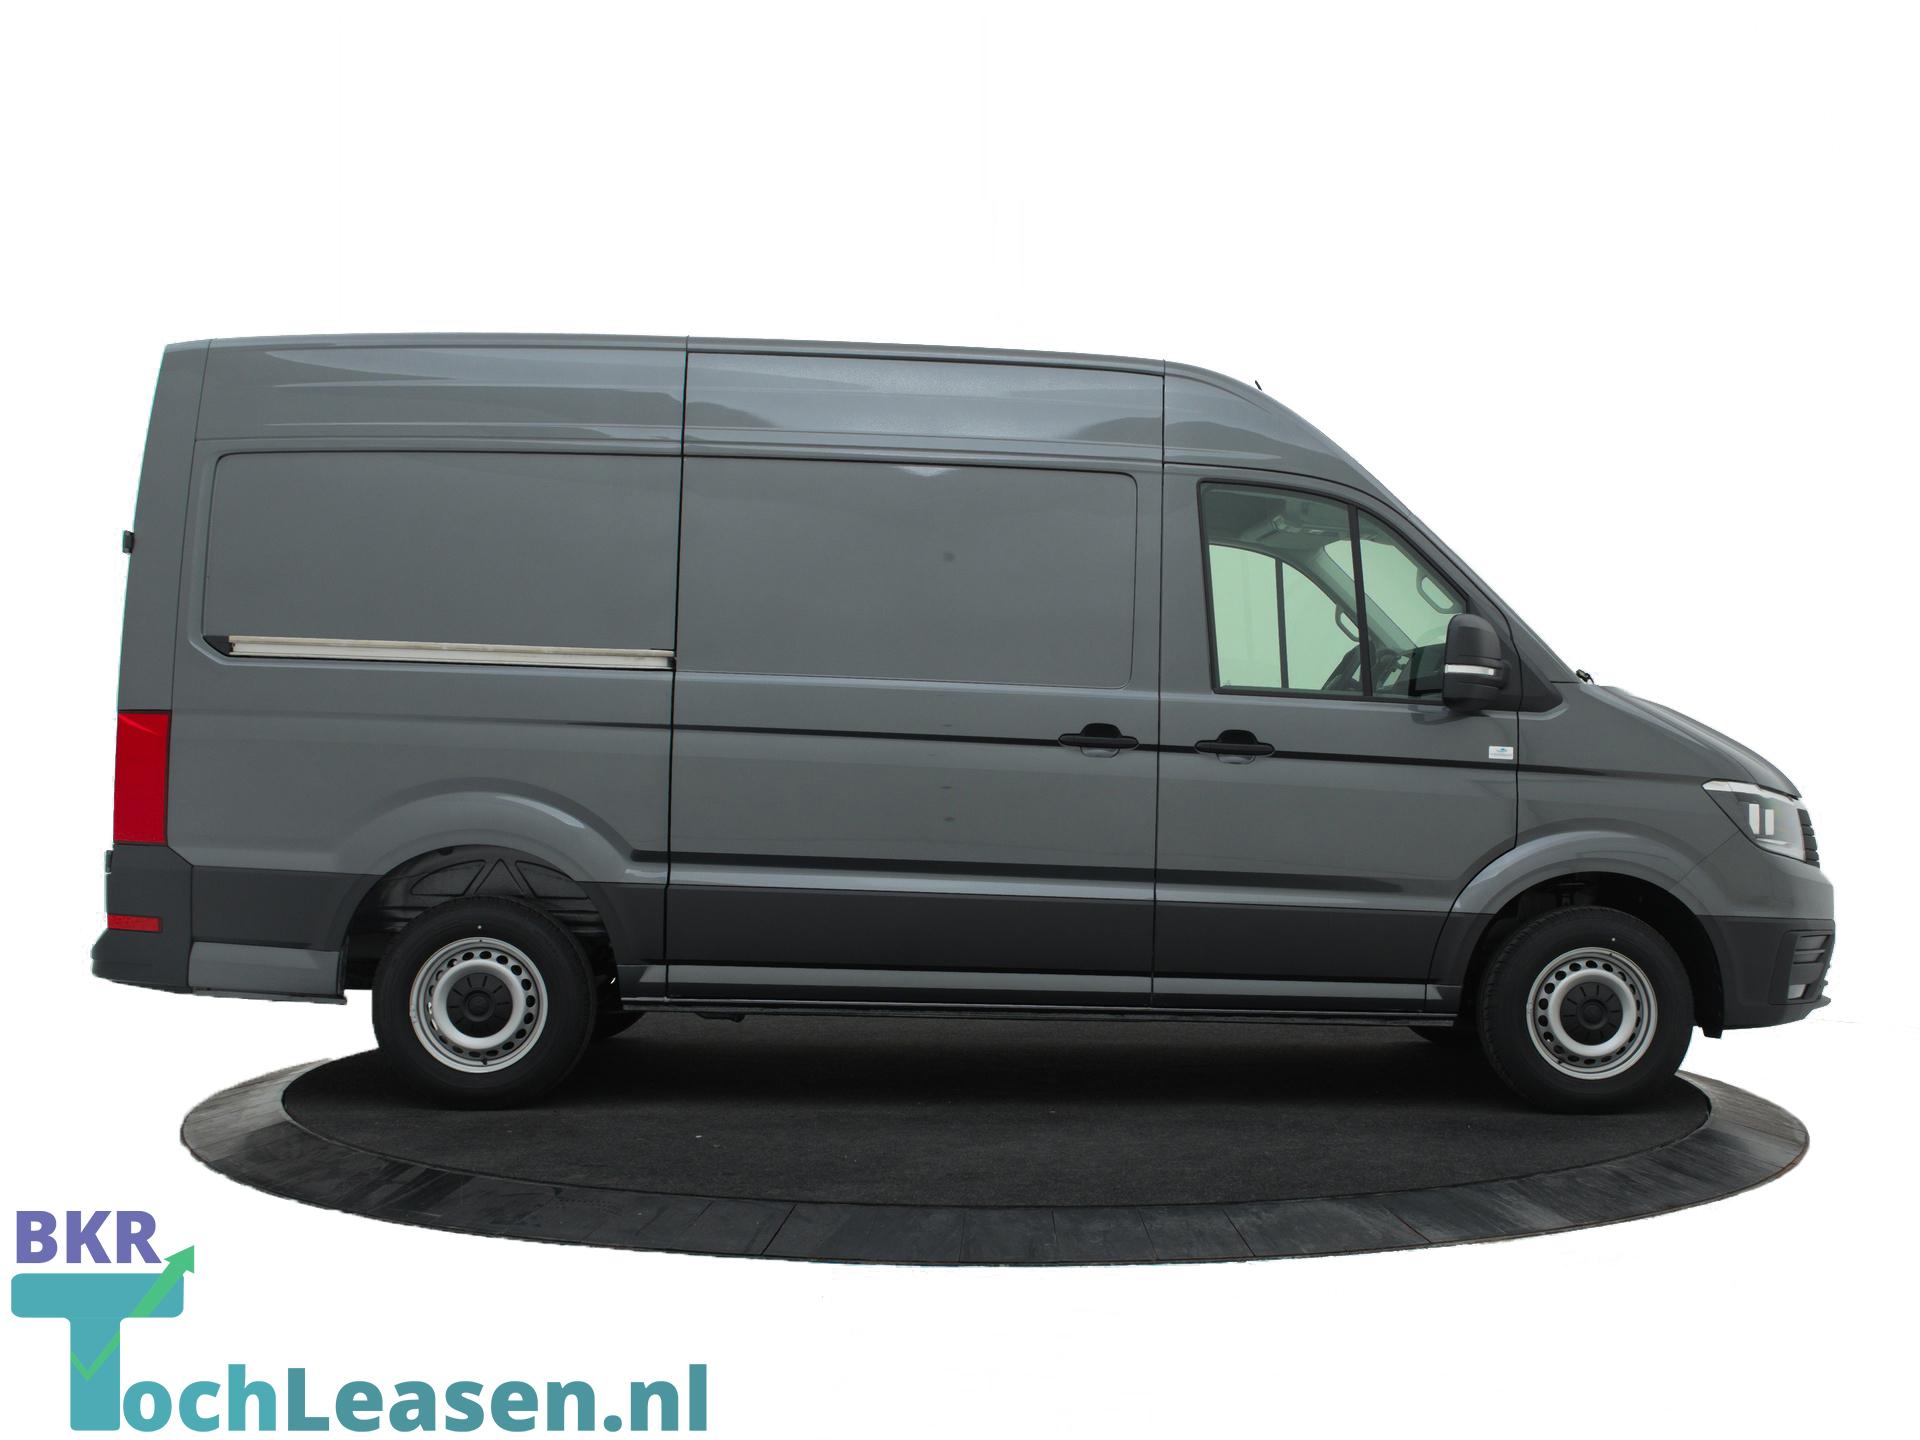 Renault bedrijfswagen - Vw Crafter